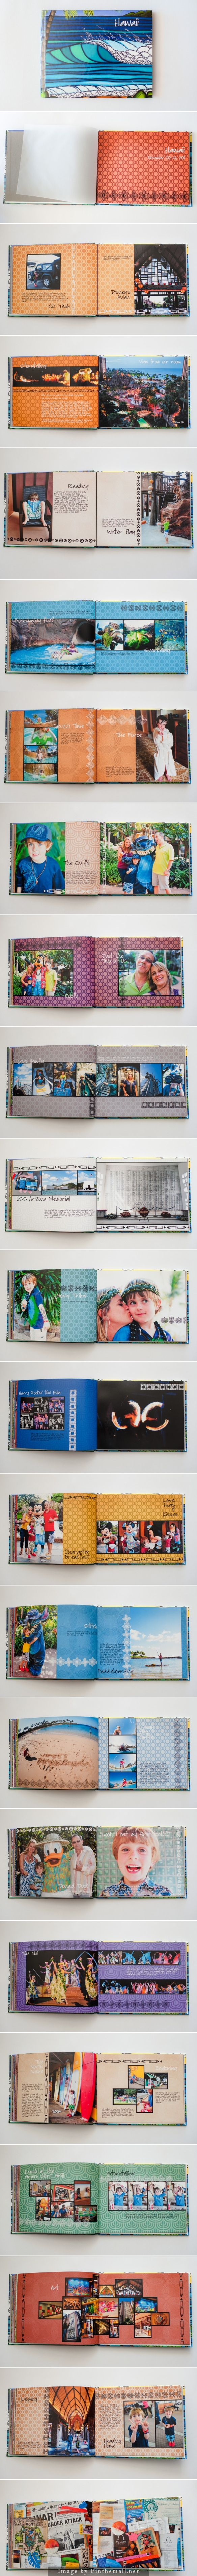 Travel Photo Book - Disney Aulani